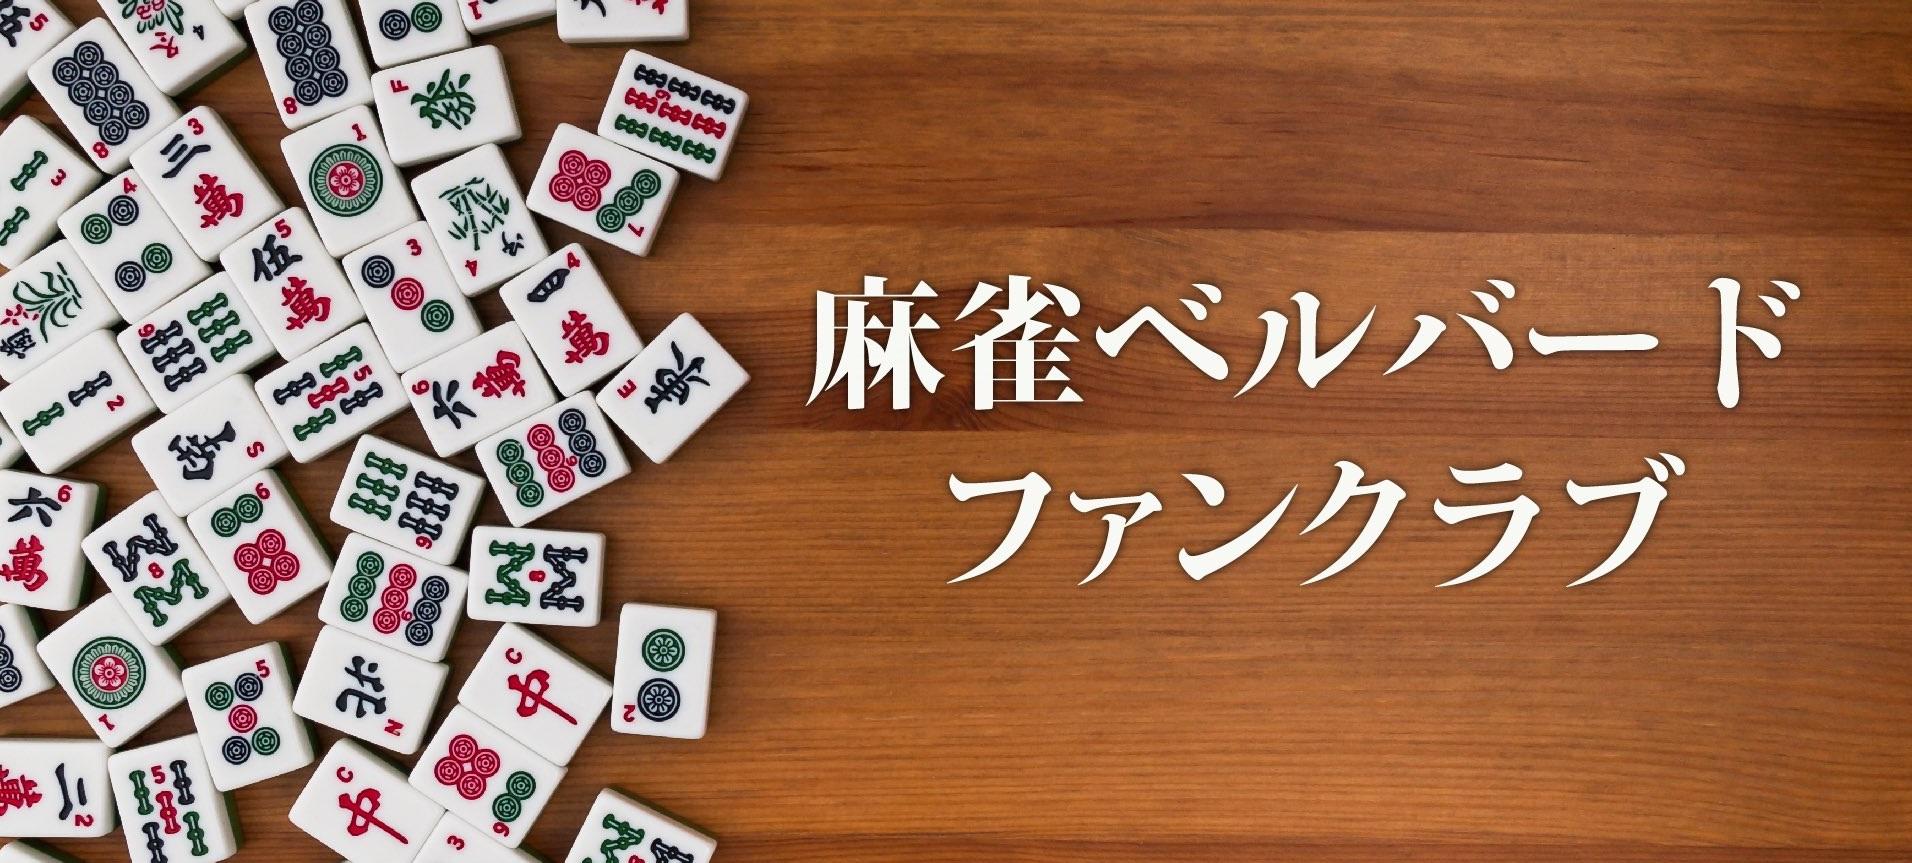 6月1日オンラインサロン【ベルバードファンクラブ】始動!!